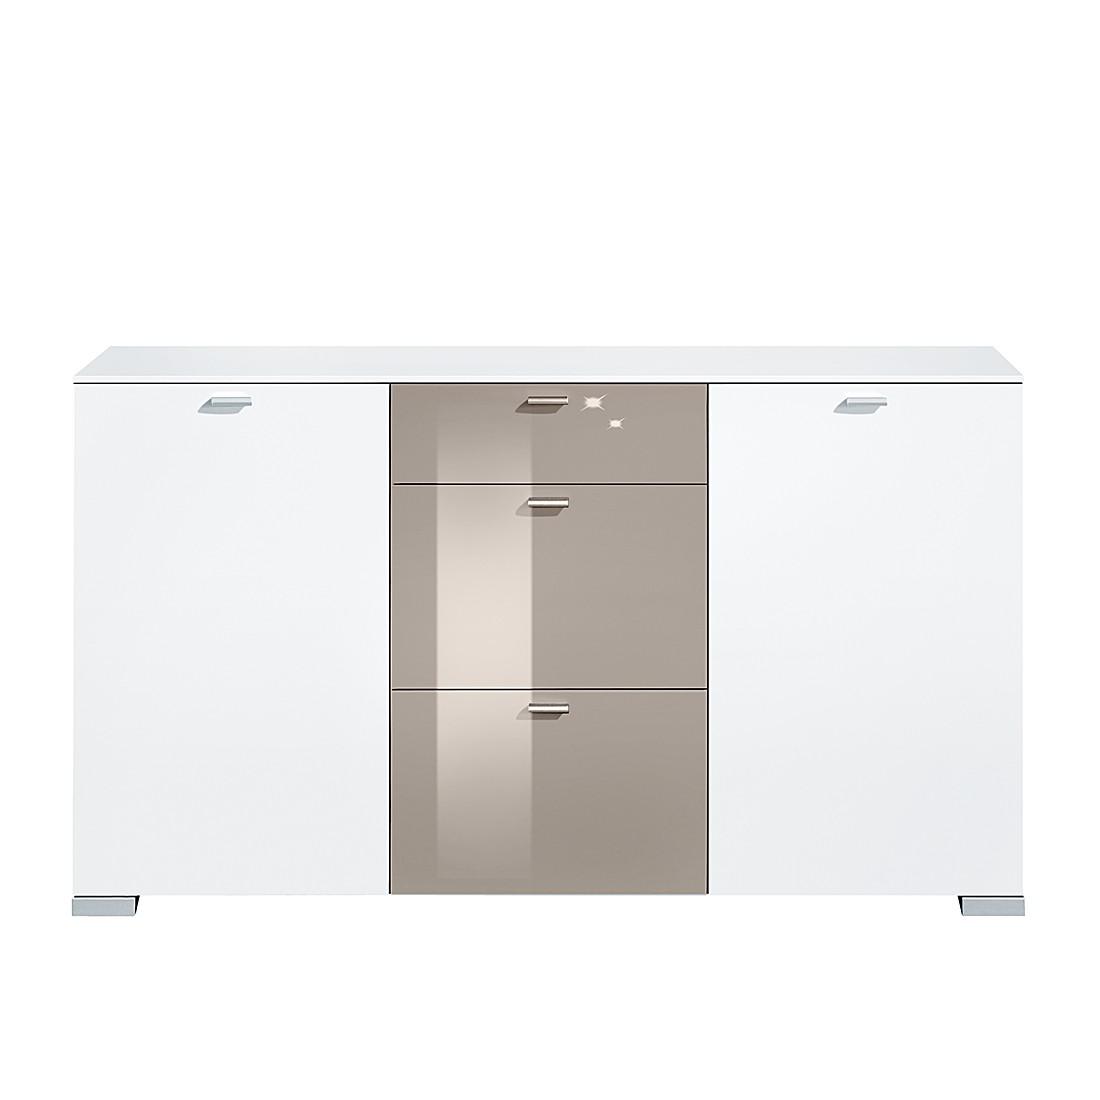 kleine meubels Dressoir Gallery HG (2-deurs) - wit/grijs hoogglans ...